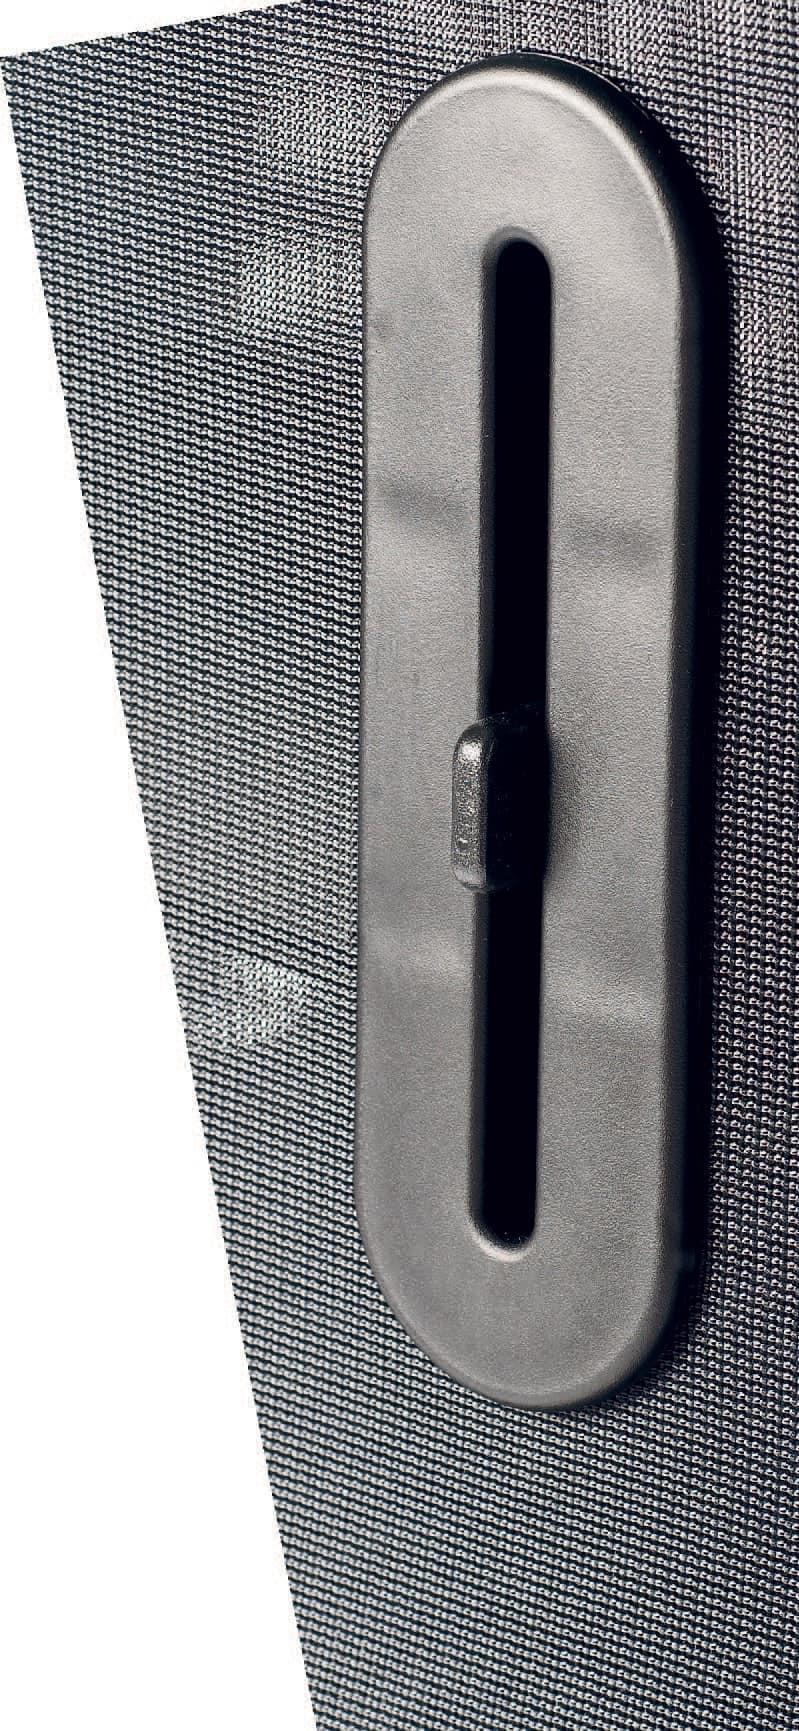 UF 458 S, Sedia a slitta con schienale in rete, made in Italy